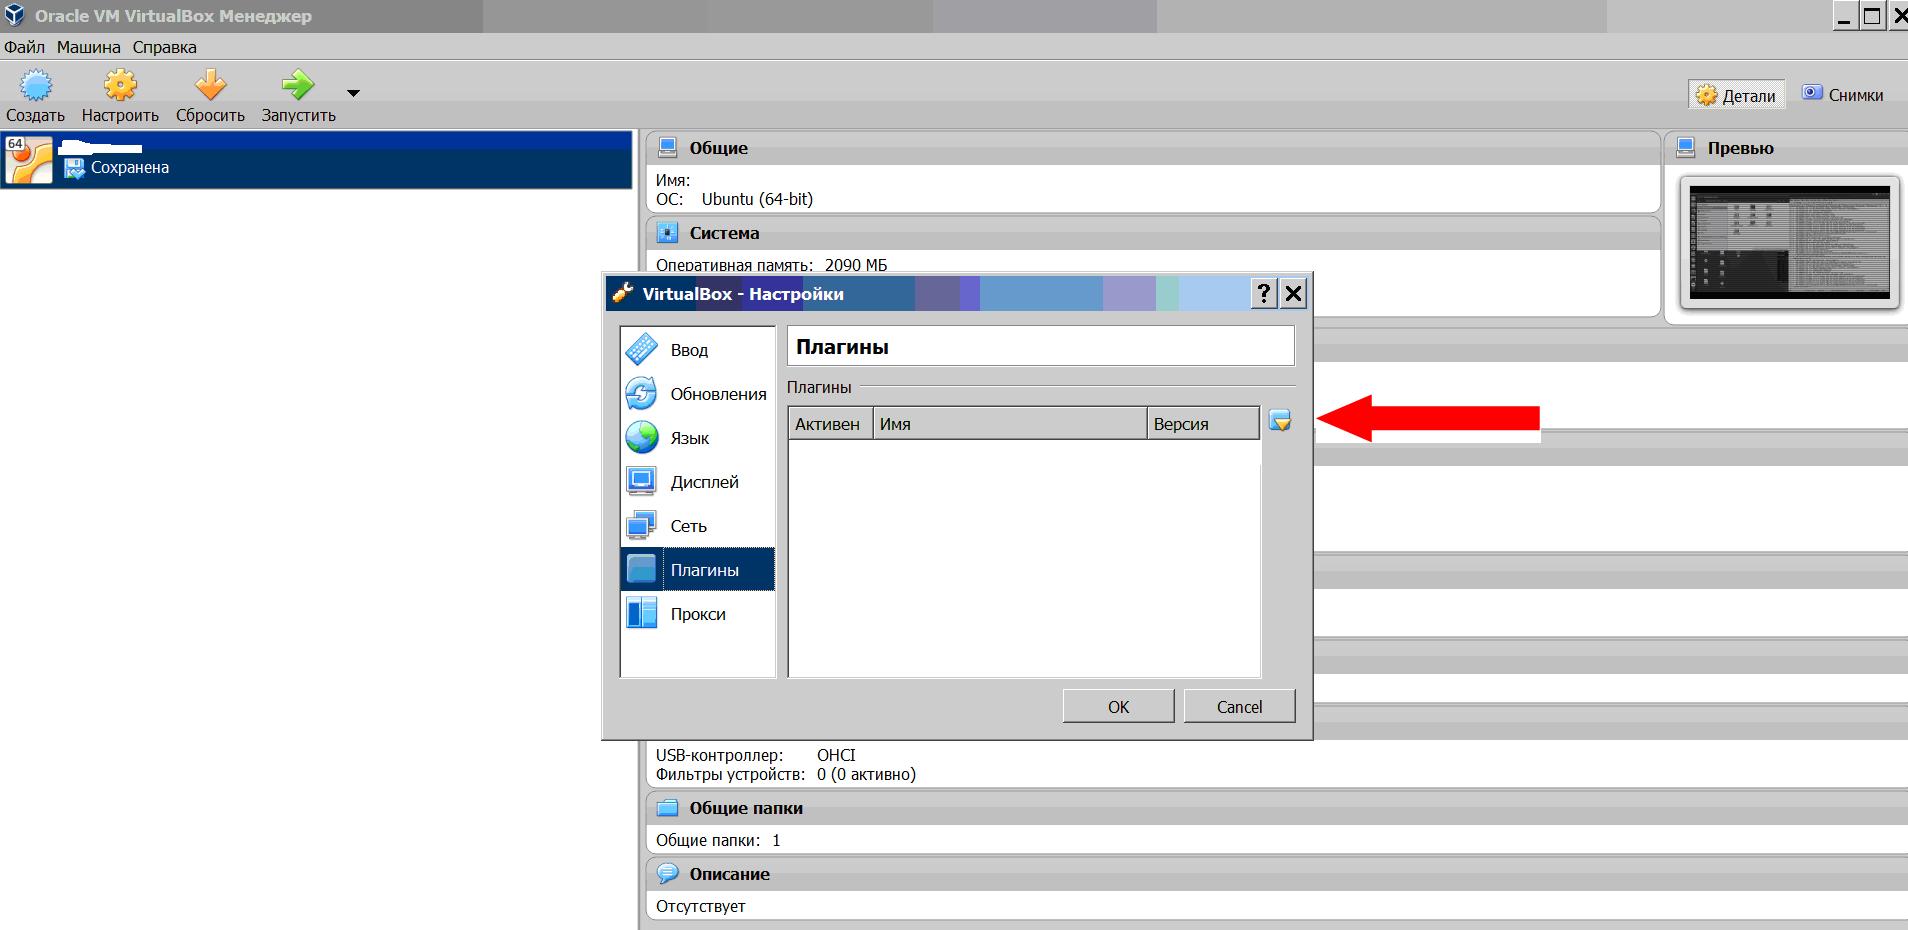 Окно добавления плагинов в виртуальной машины